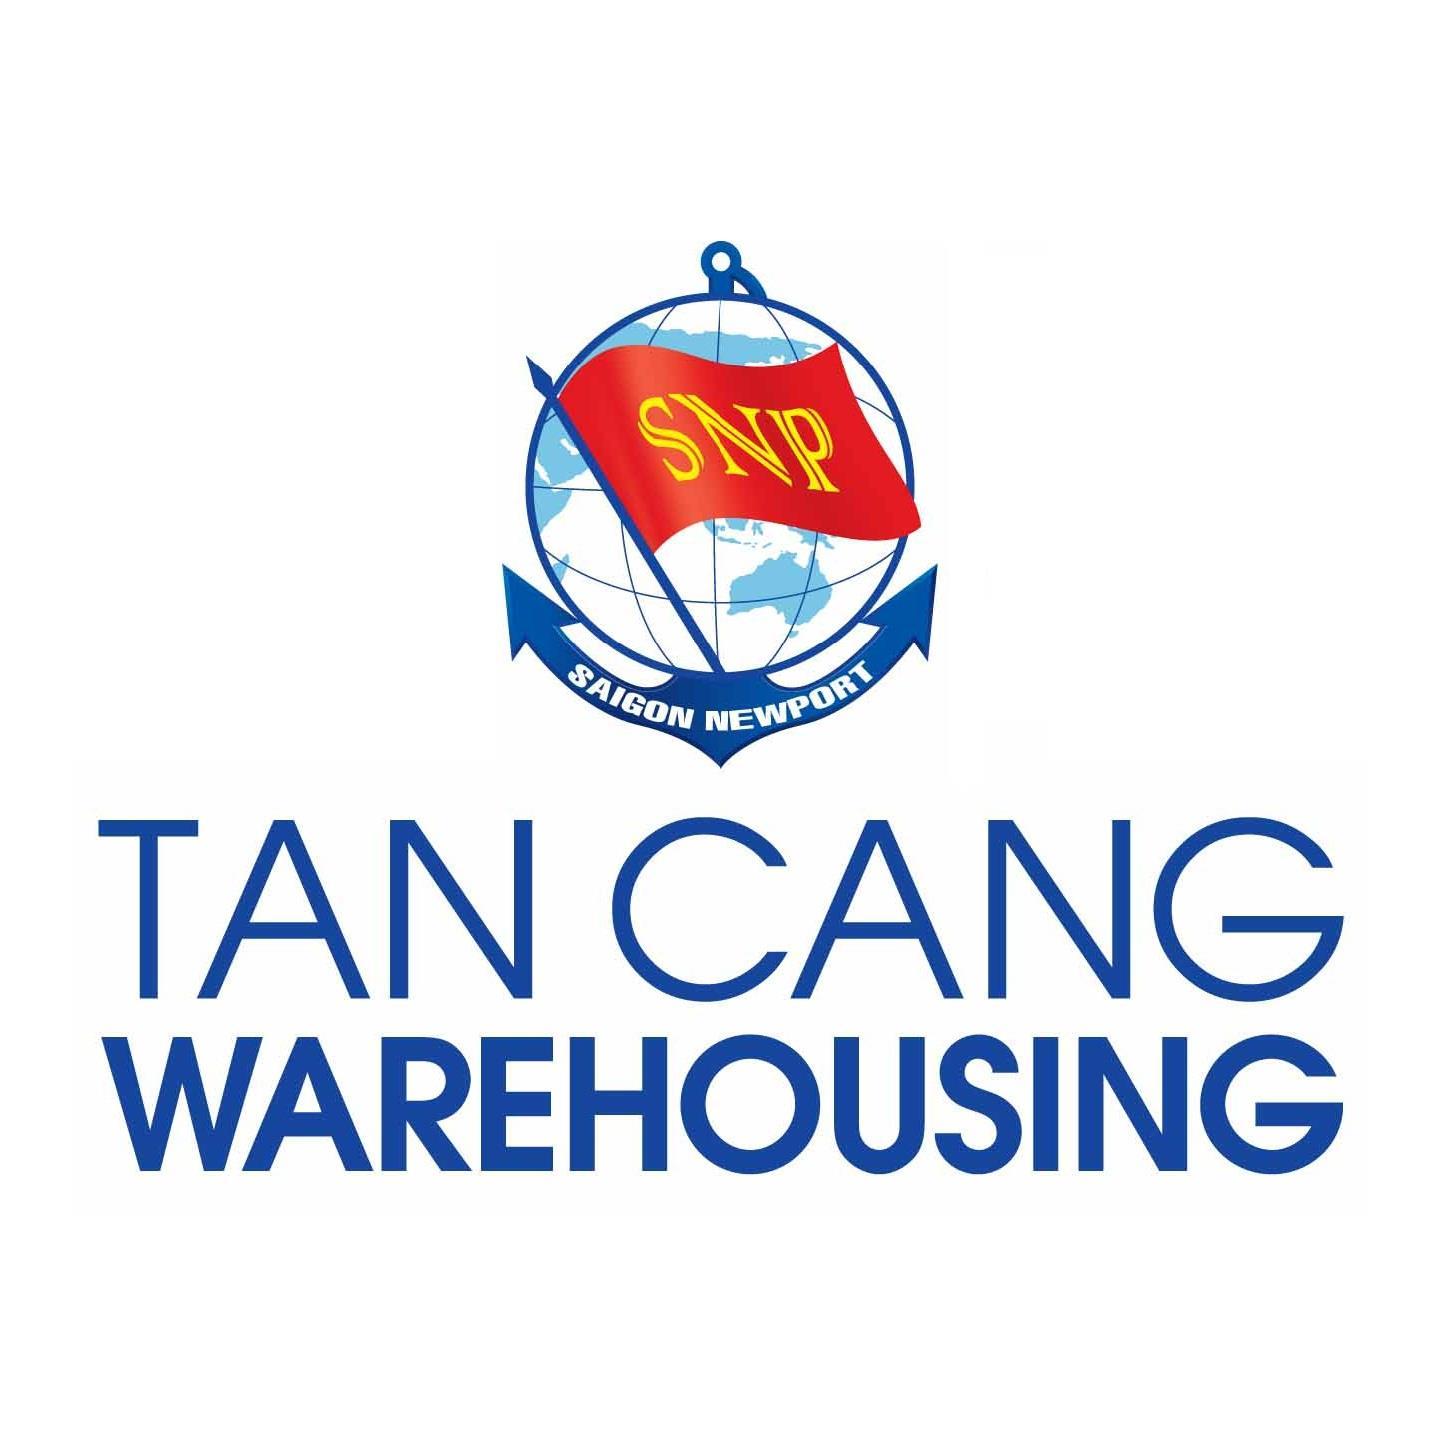 TCW: Thông báo về ngày đăng ký cuối cùng để thực hiện quyền lấy ý kiến cổ đông bằng văn bản